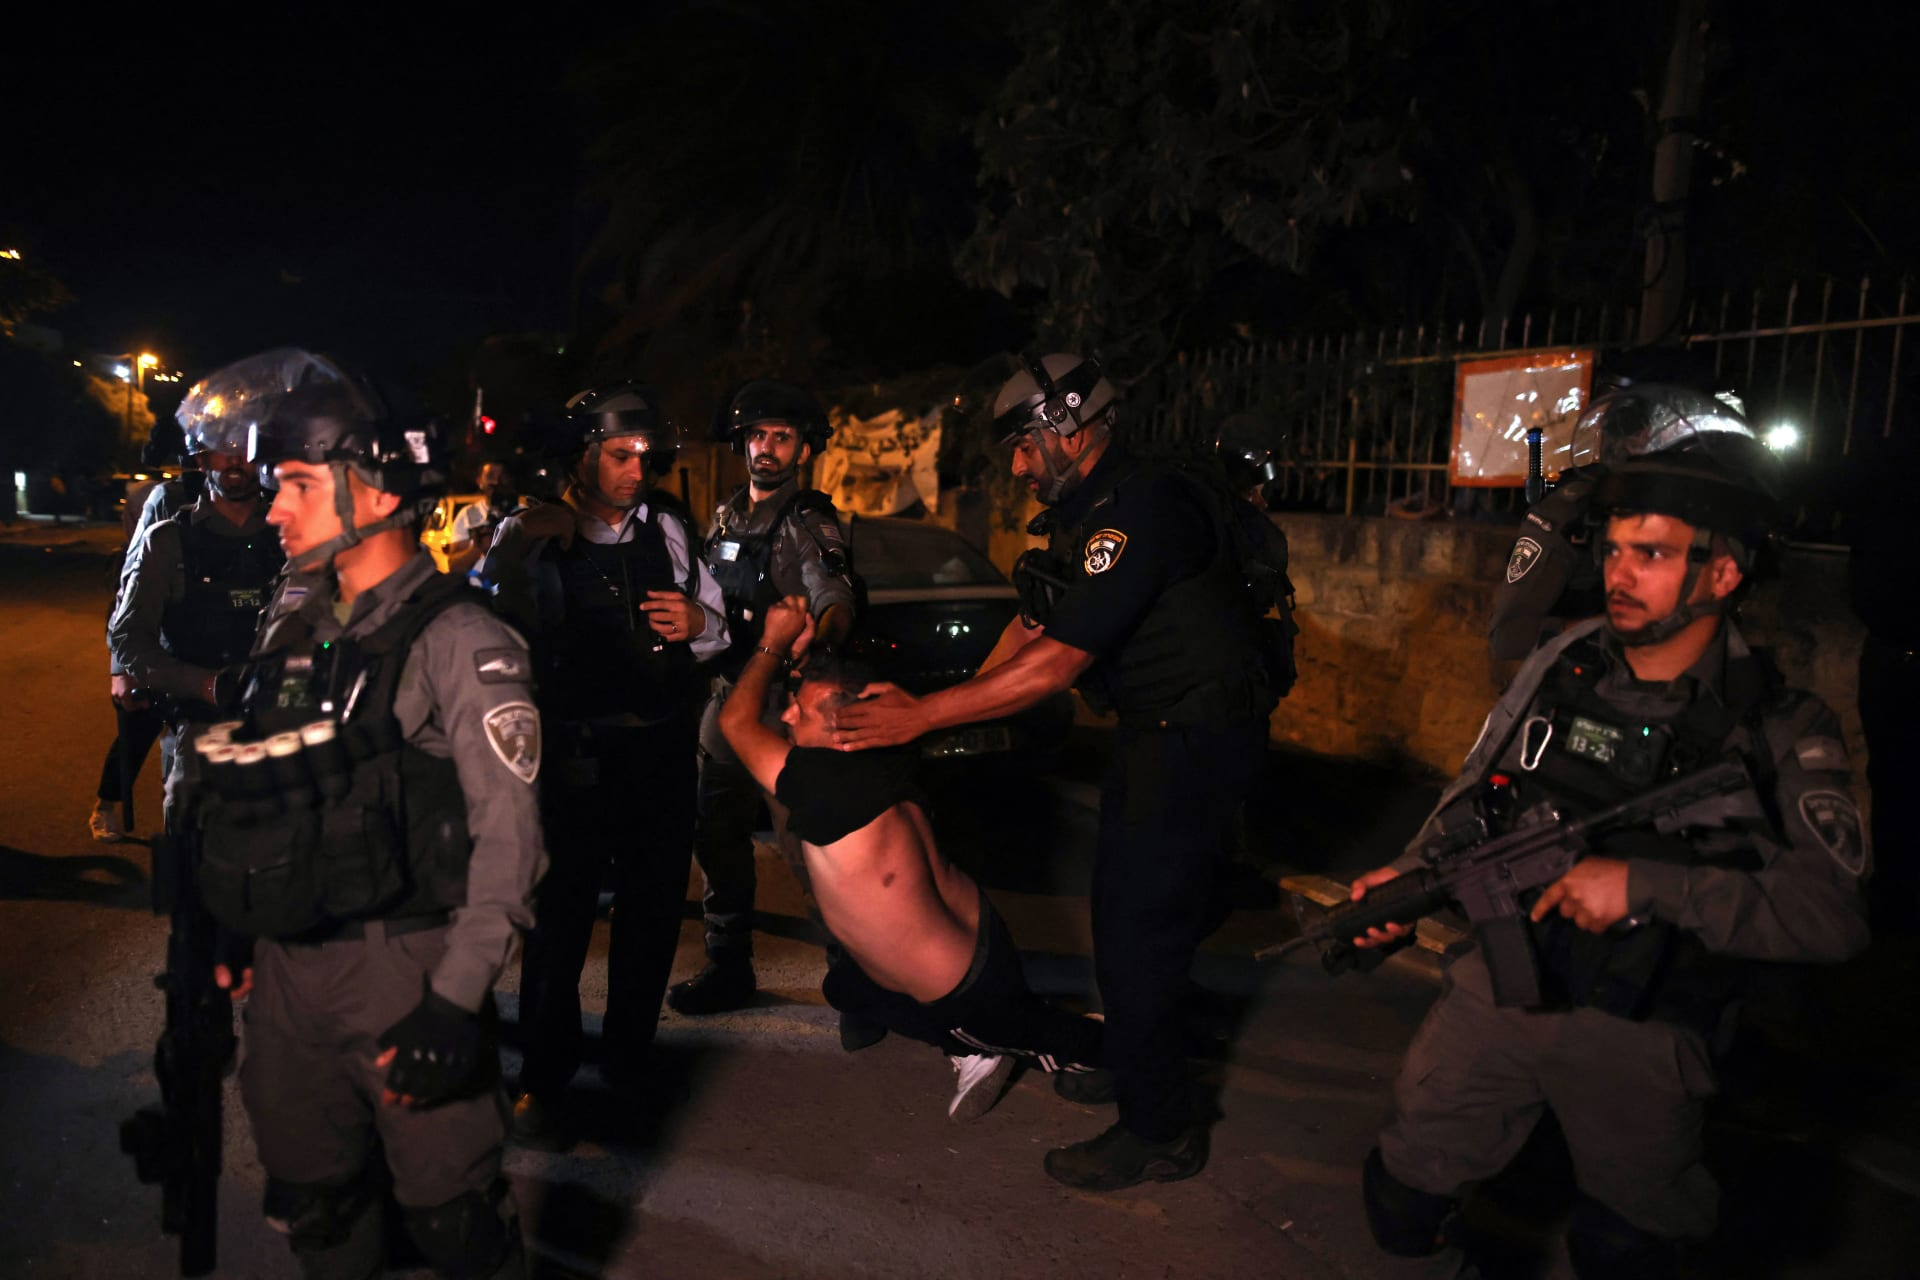 تجدد المواجهات في حي الشيح جراح.. وحماس تدعو إلى التصعيد وتحذر إسرائيل